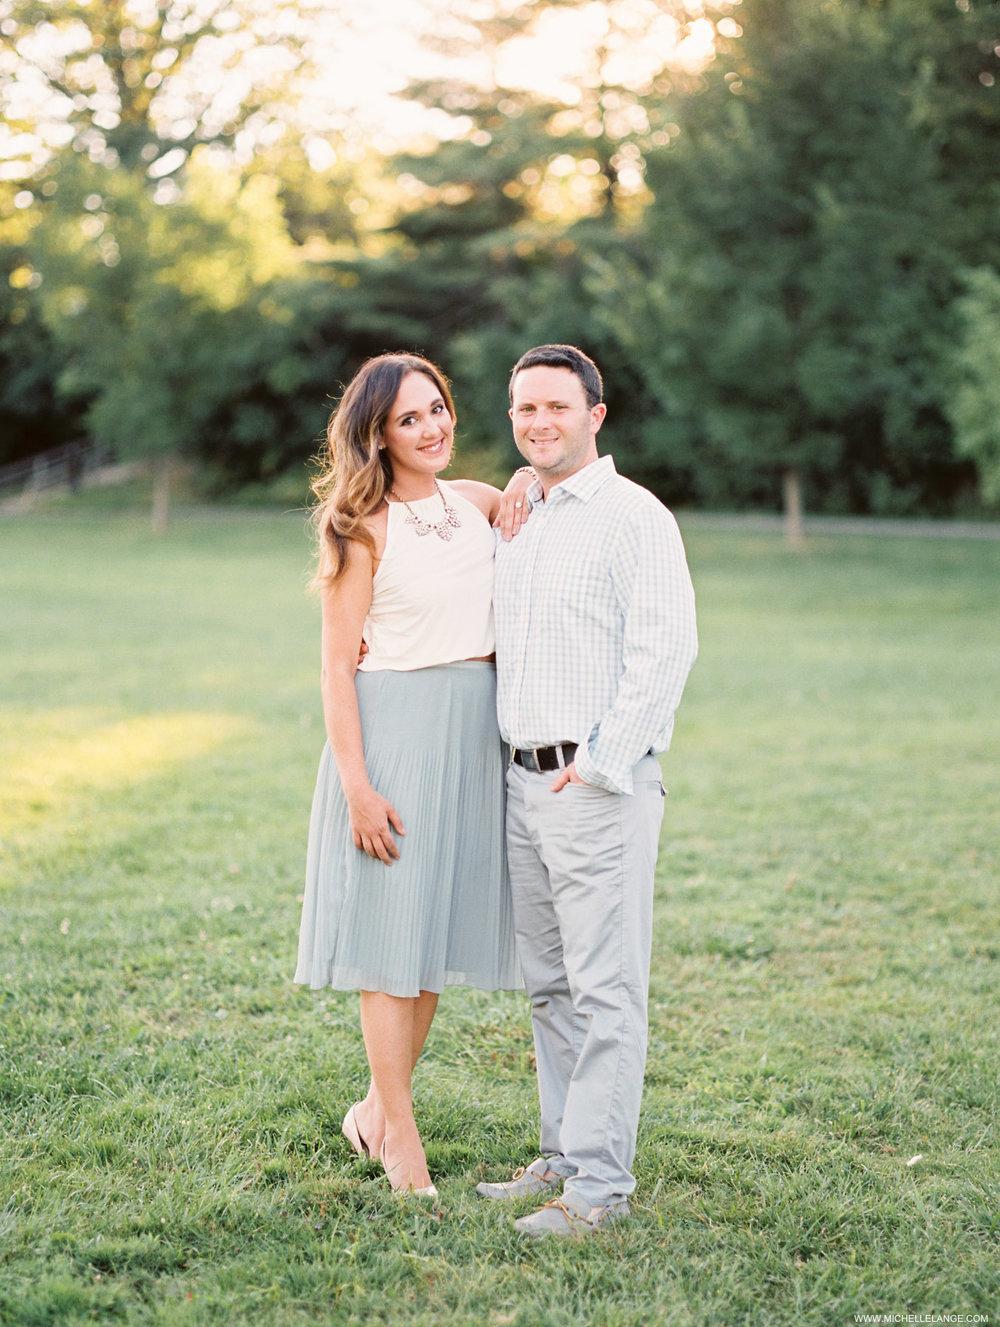 NJ Wedding and Engagement Photographer